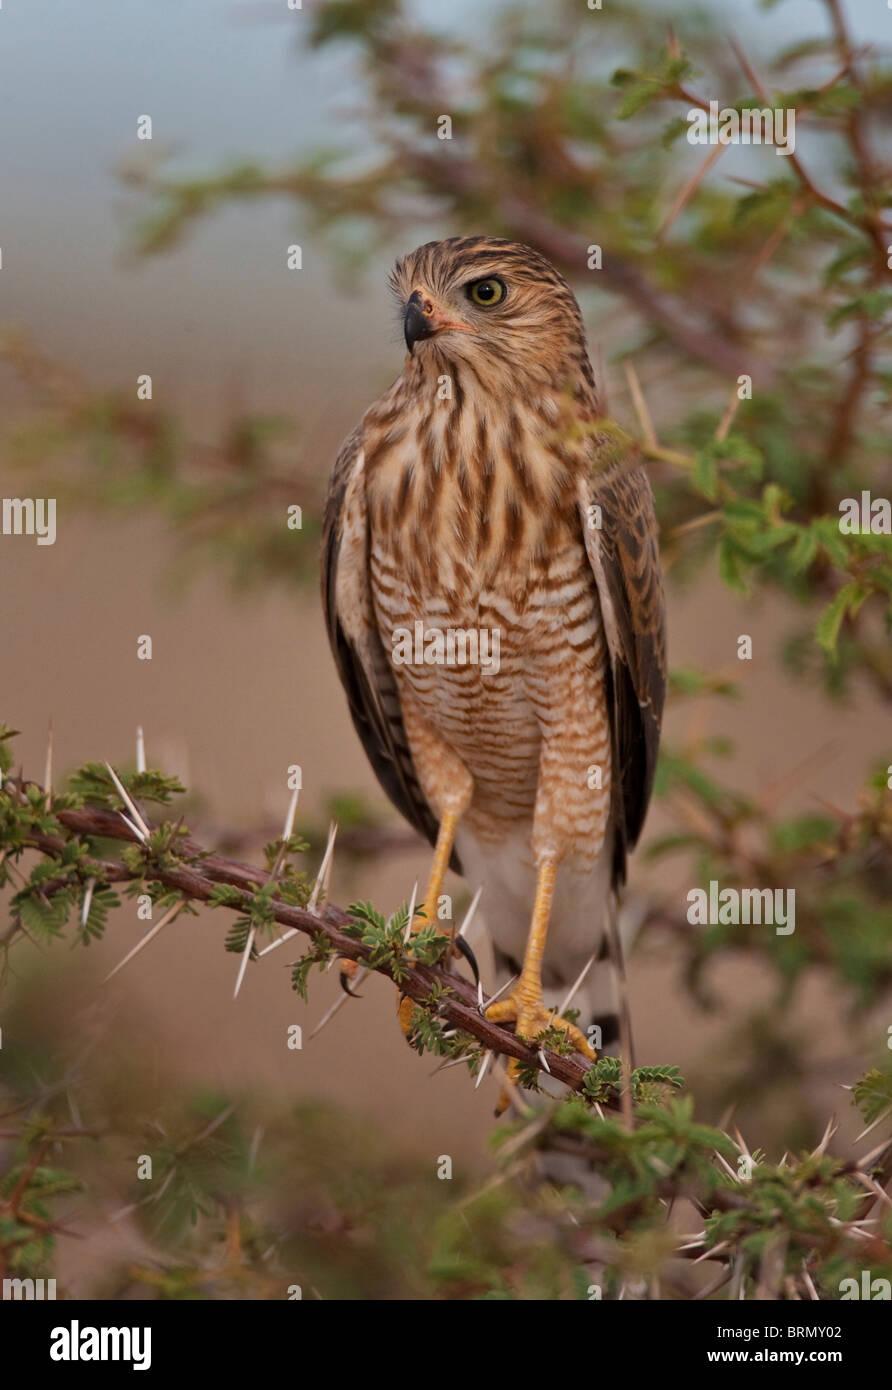 Gabar goshawk perché sur une branche épineuse Photo Stock